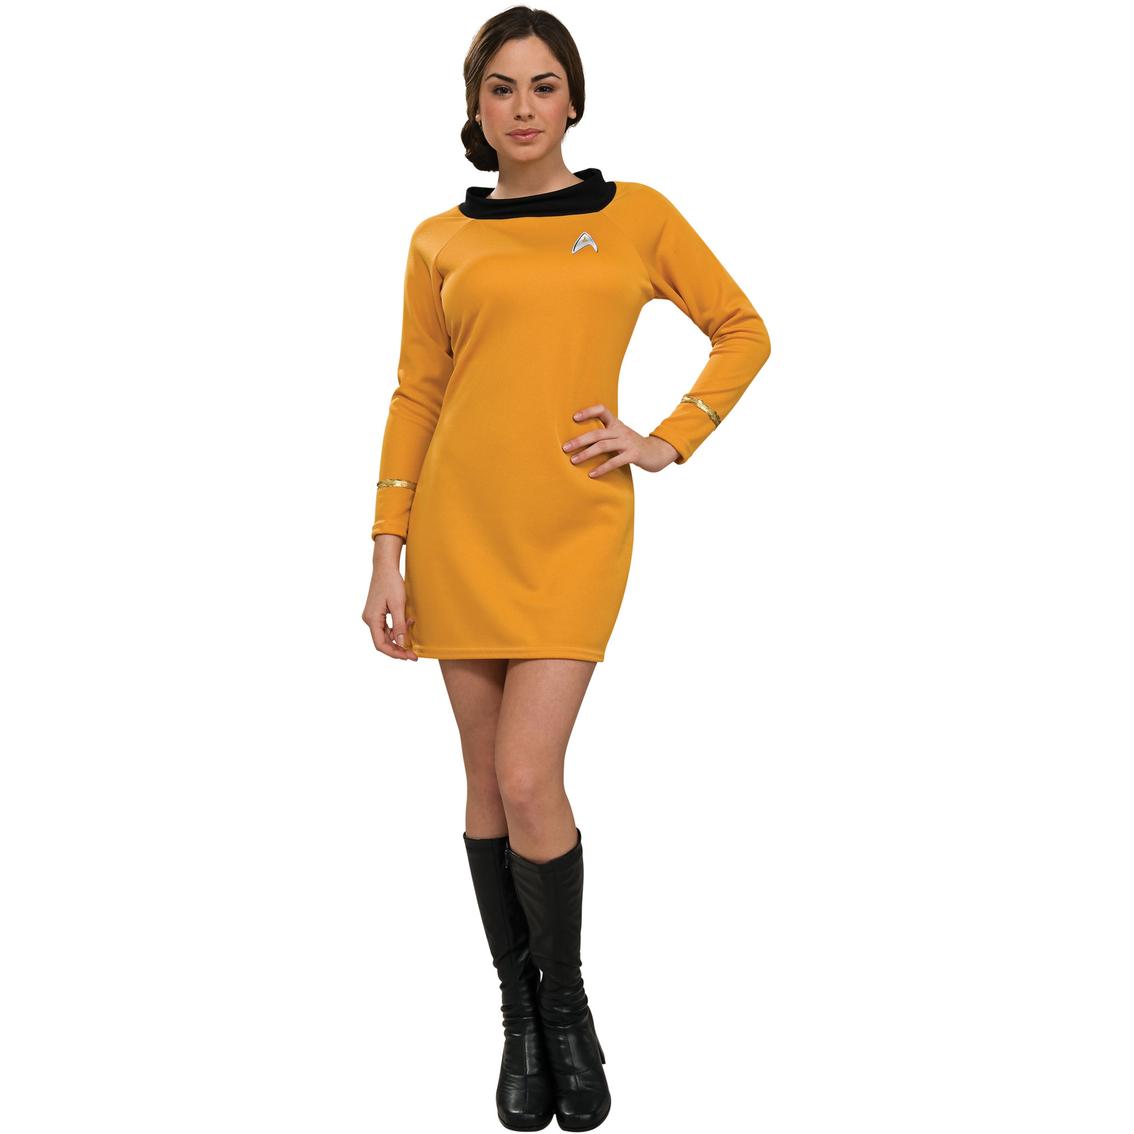 Rubie's Costume Co. Adult Deluxe Star Trek Female ...